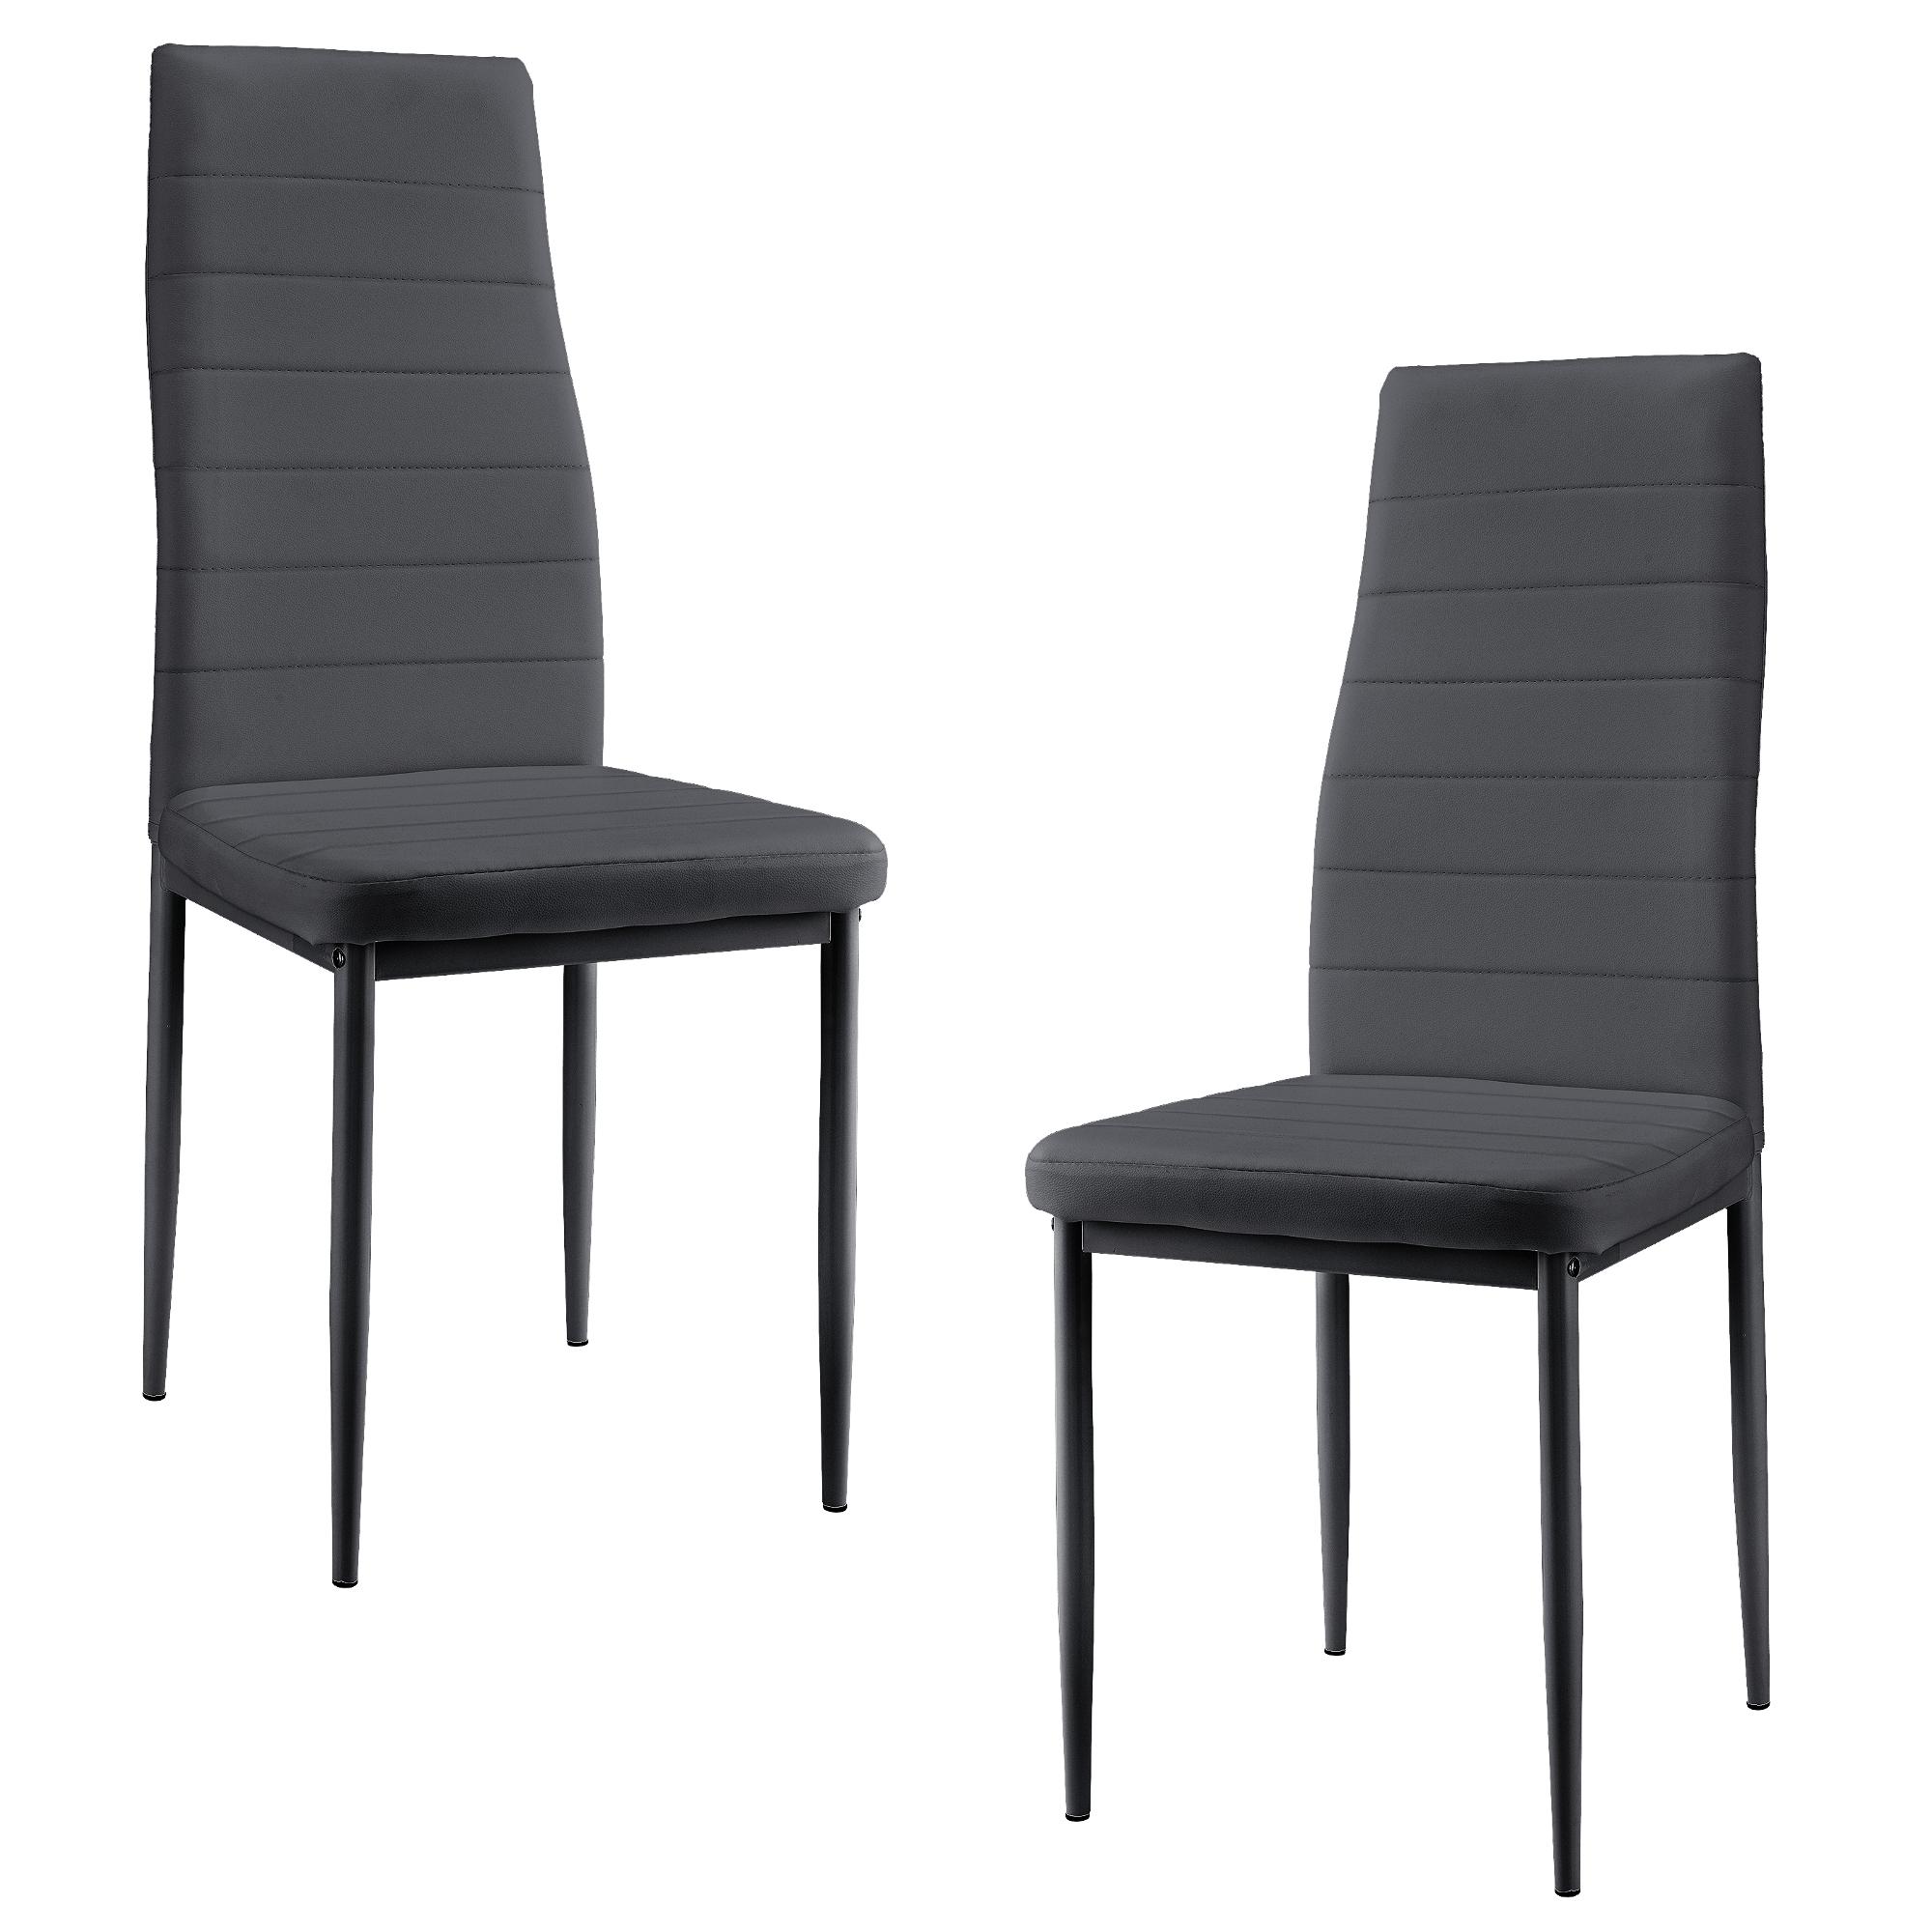 2er-Set Stühle weiß Hochlehner Esszimmer Kunst-Leder Polster Stuhl en.casa